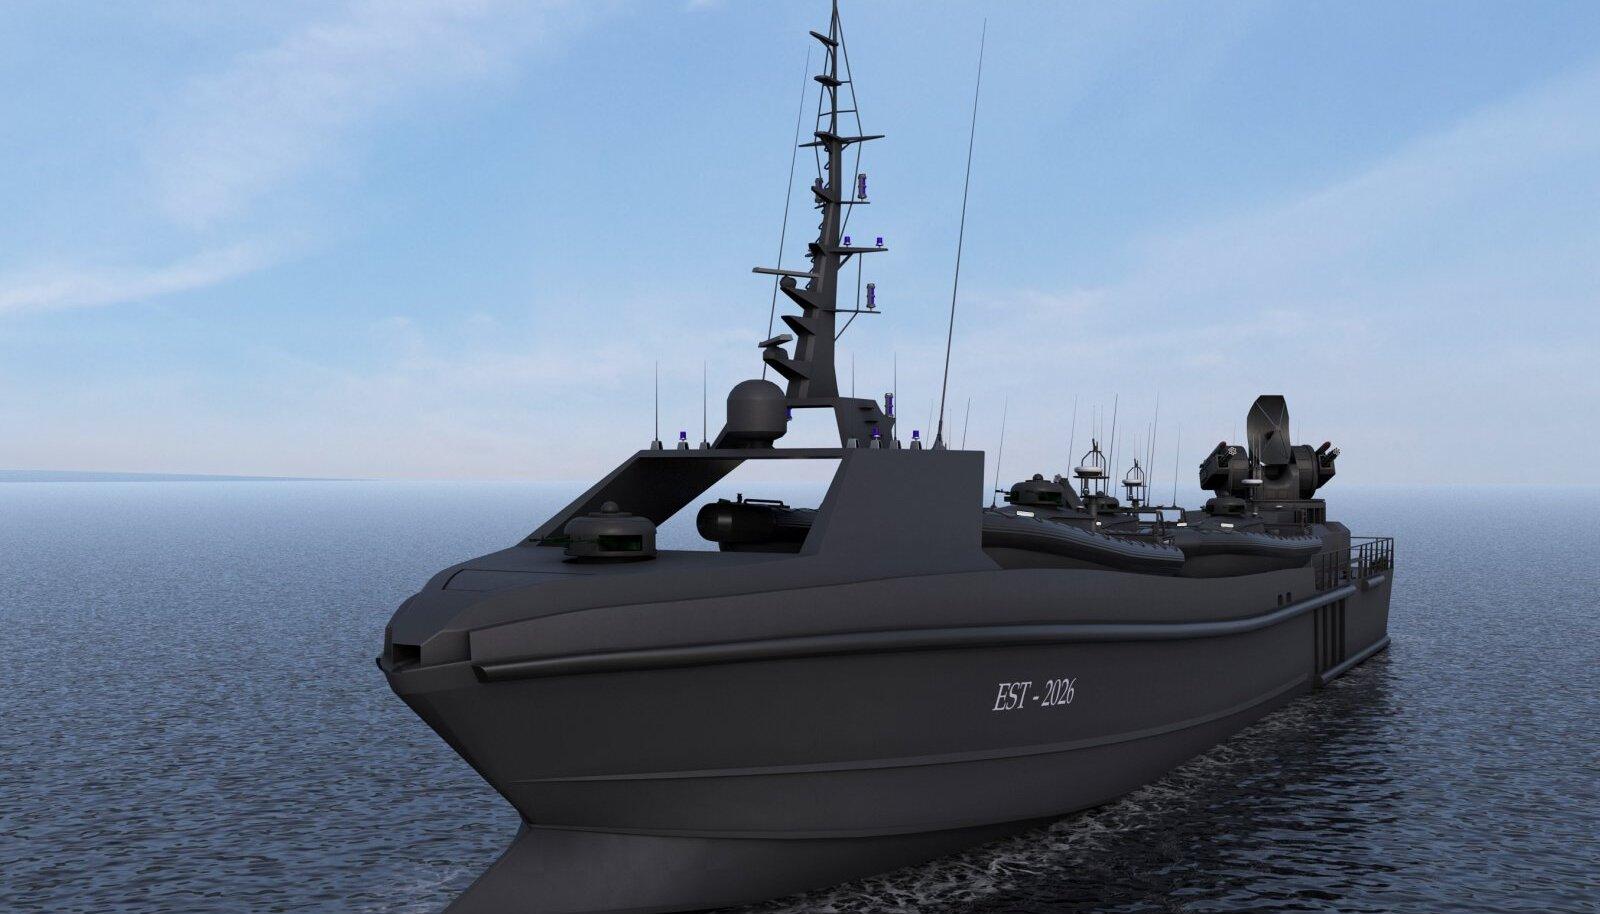 Loodetavasti on Eesti mereväel 2035. aastaks kolm kuni kuus moodullaeva, mida juhib tehisintellekt.